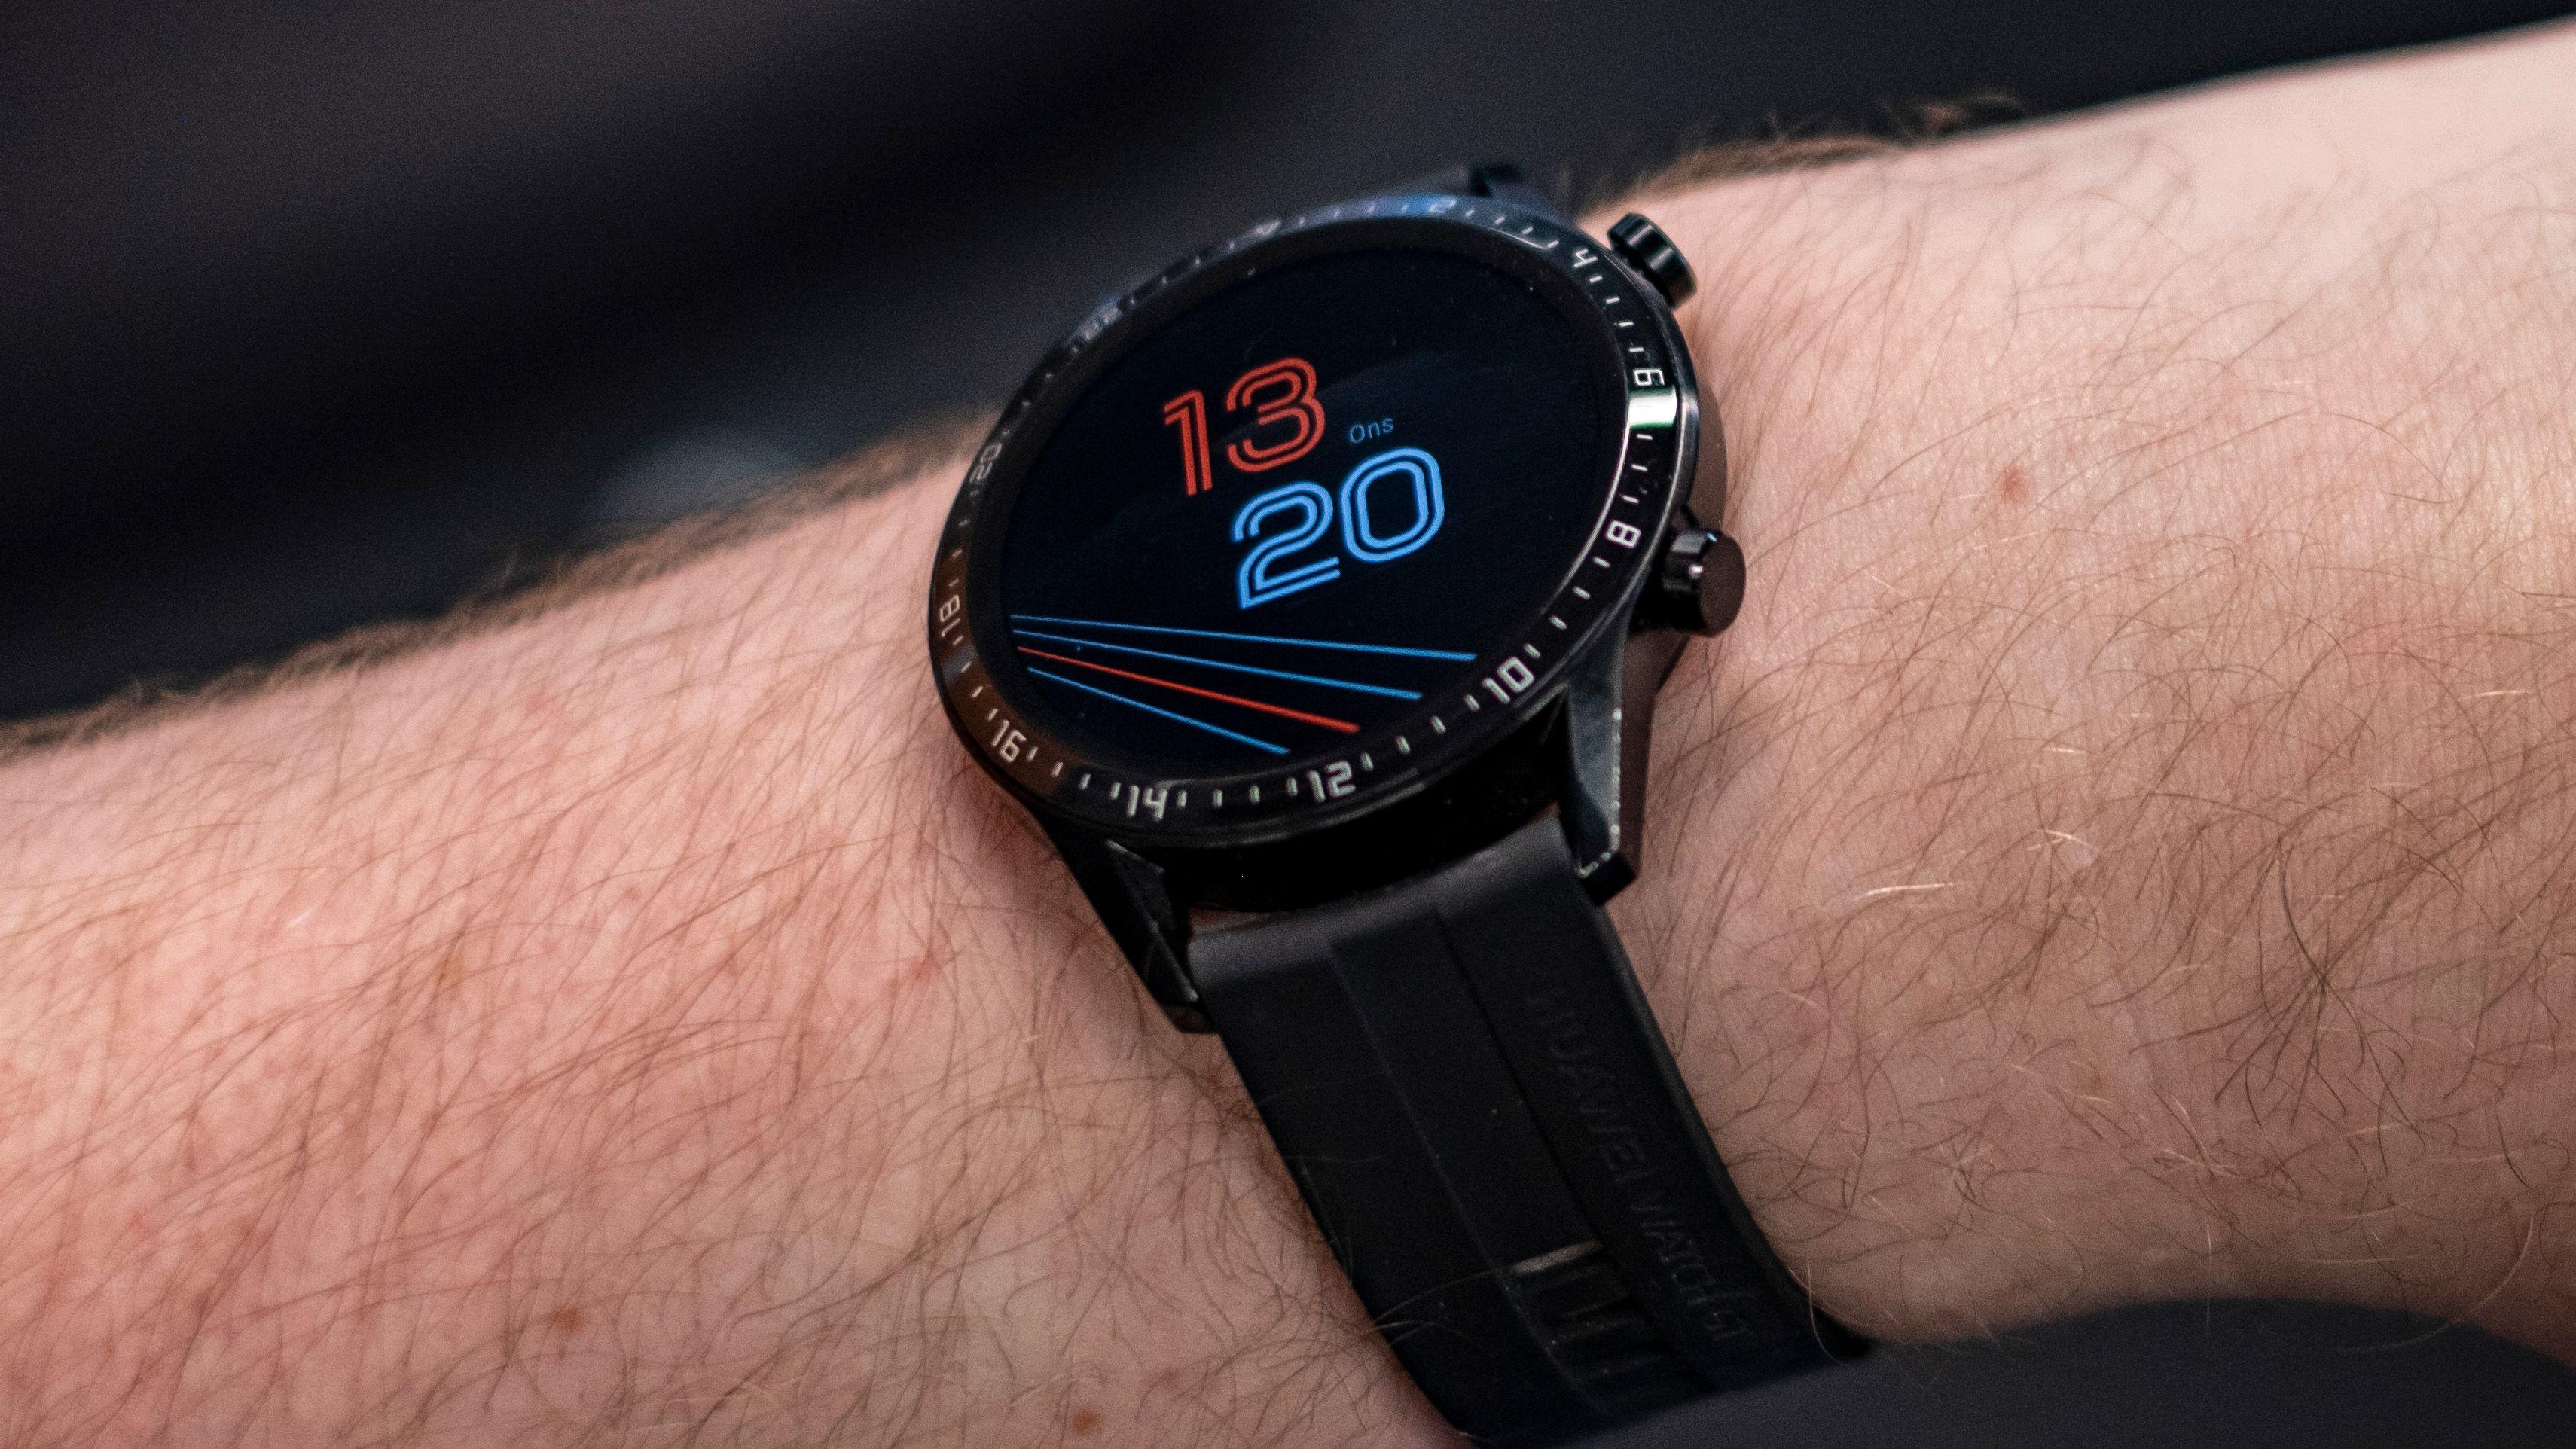 Det er mulig å få klokkeskjermen til (nesten) alltid stå på. Men da får du bare klokkeinformasjon, enten i «digital» visning som her, eller med visere.